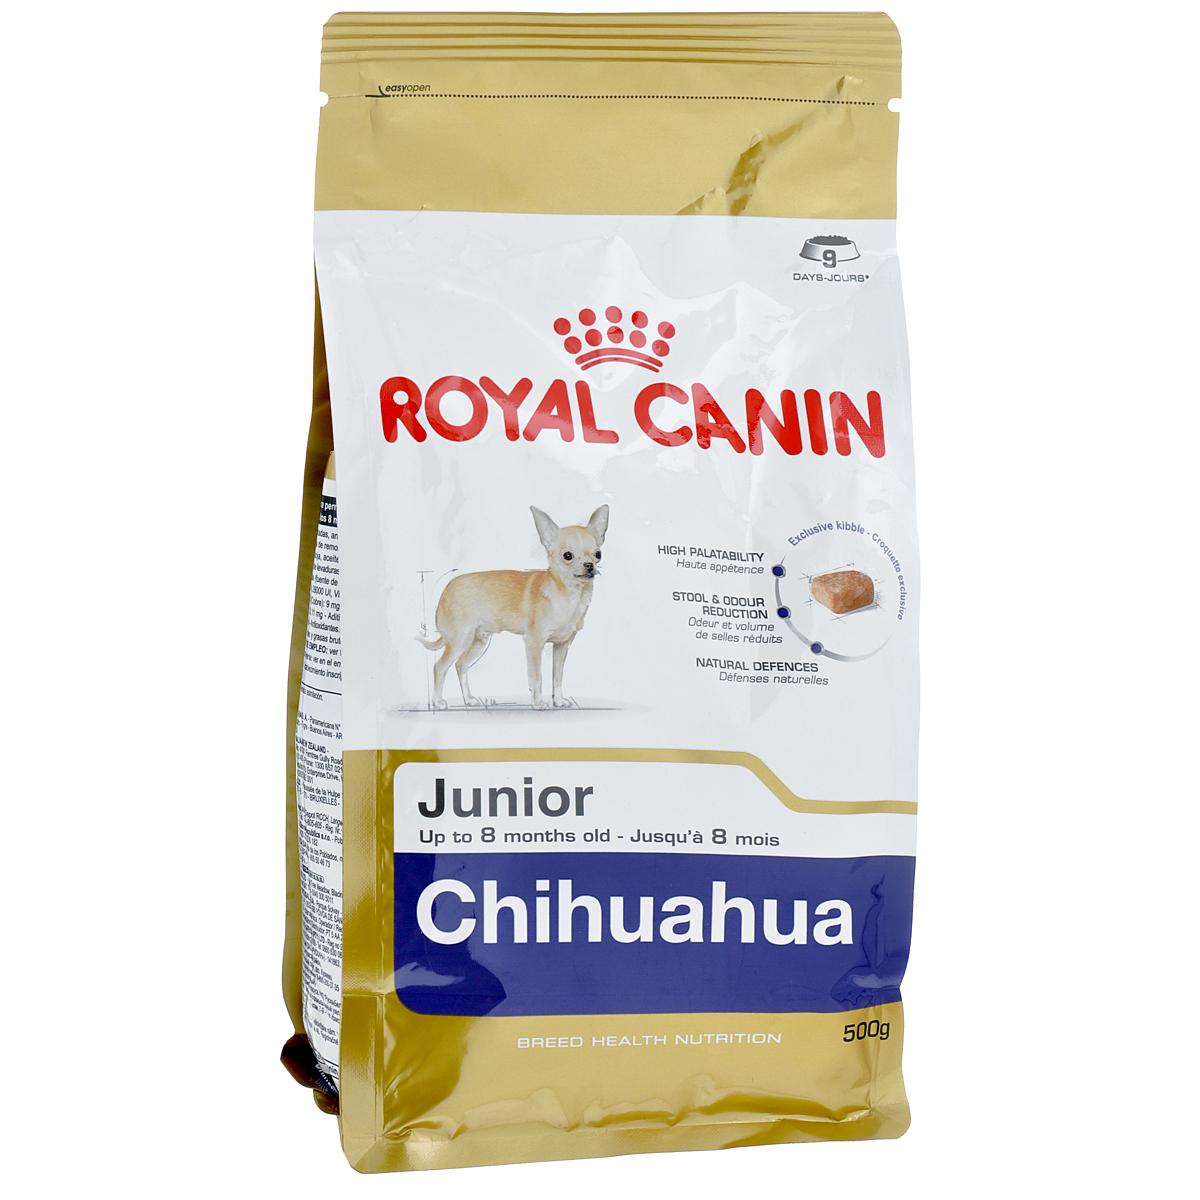 Корм сухой Royal Canin Chihuahua Junior, для щенков породы чихуахуа в возрасте до 8 месяцев, 500 г0120710Сухой корм Royal Canin Chihuahua Junior - полнорационное питание для щенков породы чихуахуа в возрасте до 8 месяцев.Щенок чихуахуа нуждается в особенной заботе из-за своих миниатюрных размеров и природной хрупкости. Чихуахуа является самой маленькой породой собак. Они очень предрасположены к образованию зубного камня, таким образом гигиена зубов крайне важна для собак этой породы. Очень важно выбрать корм, крокеты которого имеют соответствующую форму. Chihuahua Junior можно заказать и купить онлайн или в специальных магазинах.Высокая вкусовая привлекательность.Благодаря отборным натуральным ароматам и специально адаптированным крокетам мелкого размера и текстуры, корм обладает максимальной аппетитностью даже для самых маленьких и привередливых щенков чихуахуа. Ослабление запаха стула.Корм для щенков чихуахуа снижает объем и ослабляет неприятный запах экскрементов. Поддержание естественных механизмов защиты.Комплекс антиоксидантов, обладающих синергичным действием (лютеин, таурин, витамины С и Е), укрепляет иммунную защиту щенка. Манноолигосахариды стимулируют производство антител. Специально для миниатюрных челюстей.Крокеты корма идеально подходят для крошечных челюстей щенка чихуахуа.Состав: дегидратированные белки животного происхождения (птица), рис, животные жиры, кукуруза, изолят растительных белков, свекольный жом, гидролизат белков животного происхождения, минеральные вещества, соевое масло, рыбий жир, растительная клетчатка, фруктоолигосахариды, гидролизат дрожжей (источник мaннановых олигосахаридов), экстракт бархатцев прямостоячих (источник лютеина).Добавки (в 1 кг): протеин — 30%,жир — 20%,клетчатка — 2%, таурин — 2000 мг%, кальций — 1,15%, натрий — 0,35%, магний — 0,07%, хлор — 0,5%, калий — 0,7%, йод — 5,6 мг, селен — 0,35 мг, медь — 22 мг, железо — 221 мг, марганец — 76 мг, цинк — 229 мг, витамин A — 29000 МЕ,витамин D3 — 800 МЕ, витамин E — 600 мг,